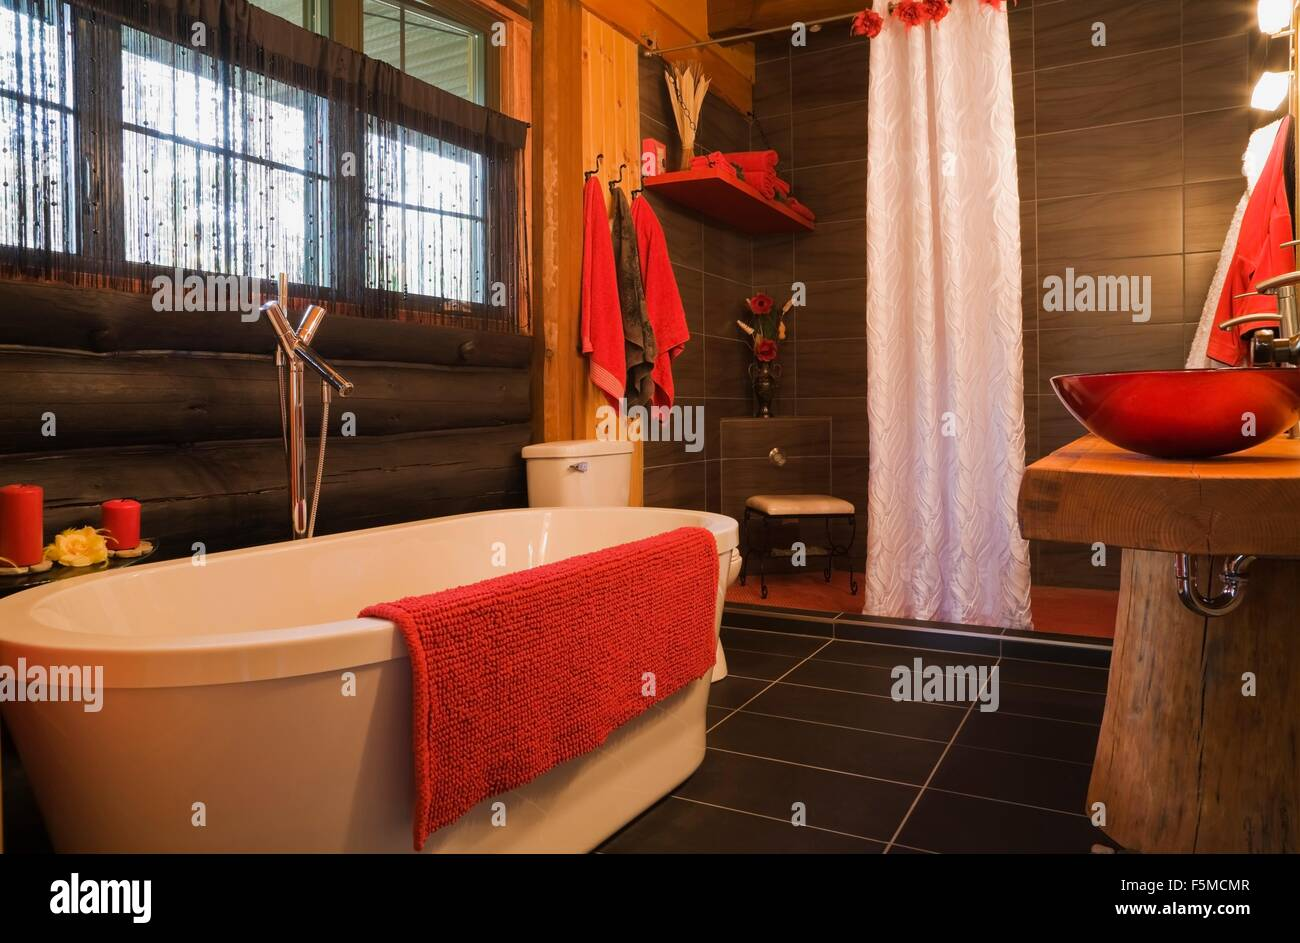 Salle de bains moderne en log cabin, accessoires rouge ...